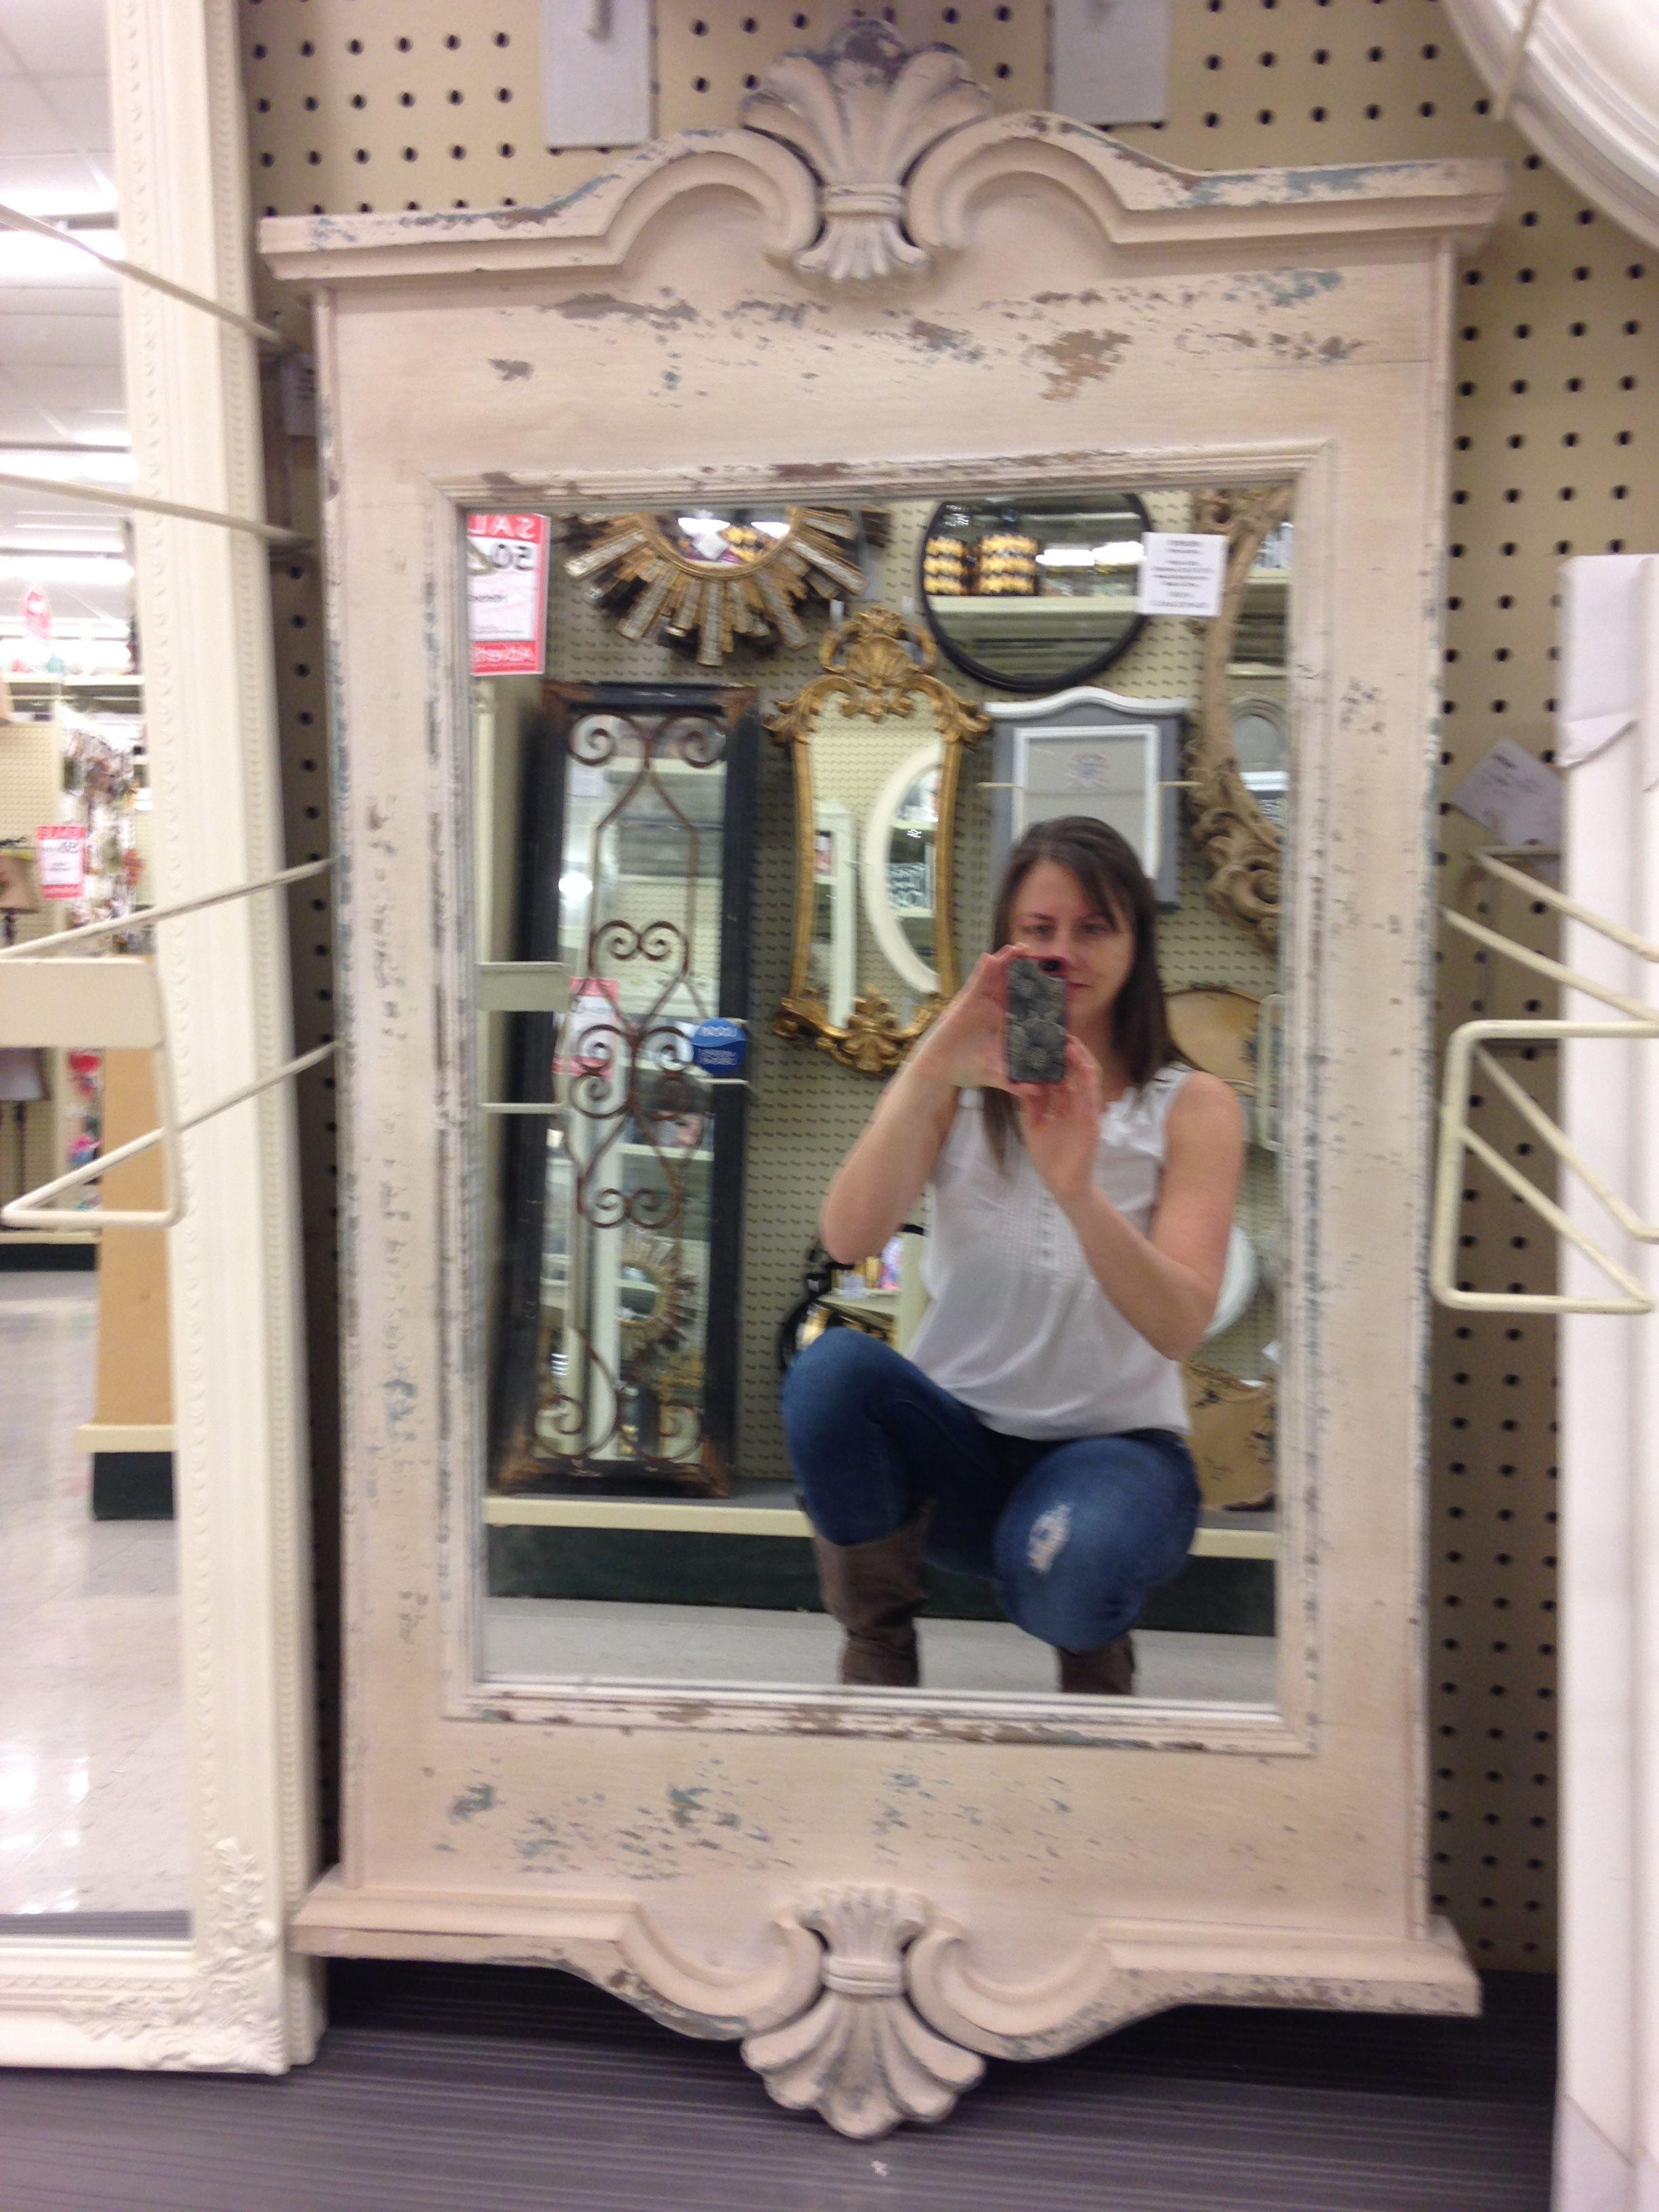 Antiqued Mirror Window Hobby Lobby Hobby Lobby Mirrors Hobby Lobby Wall Decor Hobby Lobby Decor